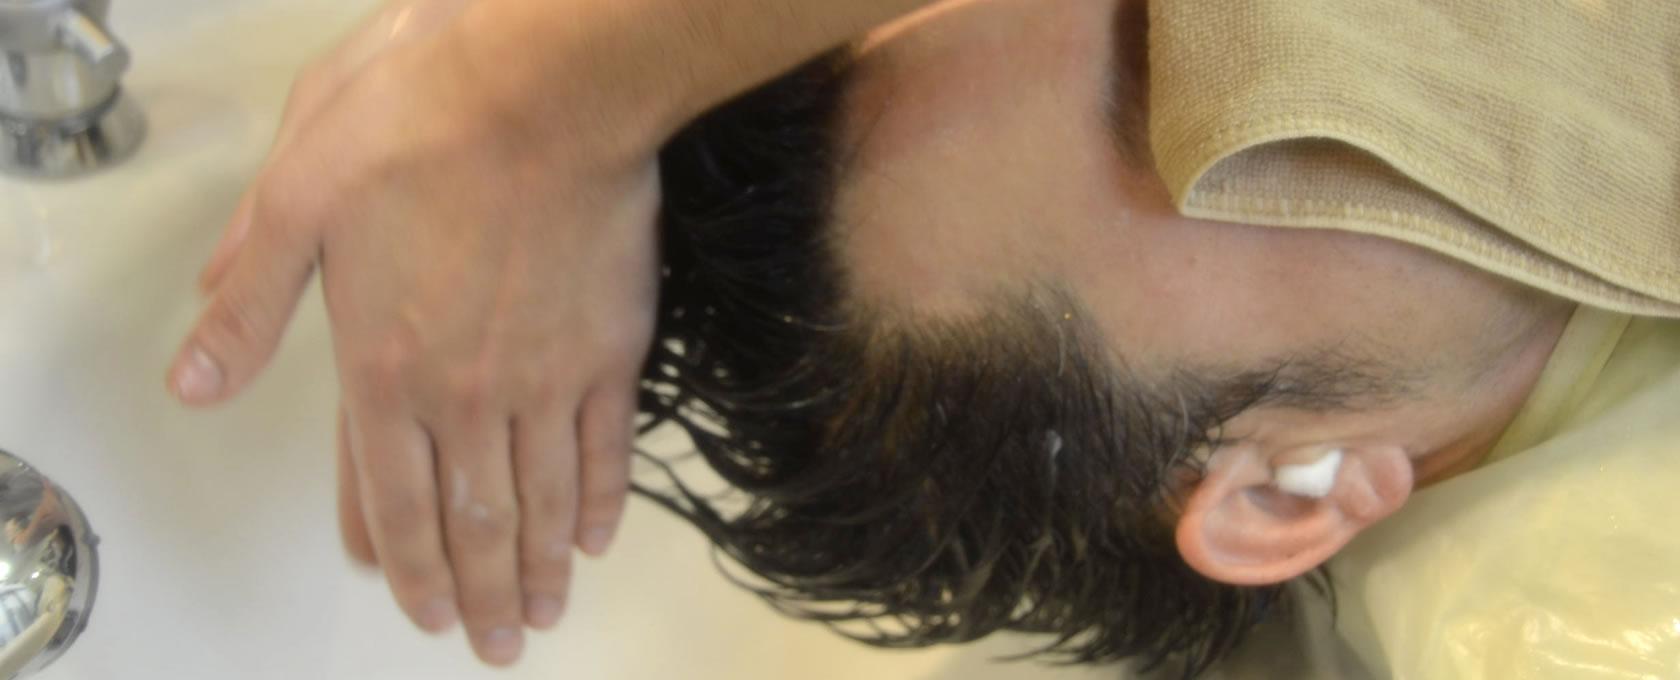 炭酸泉シャンプーでなめらかな髪質へ